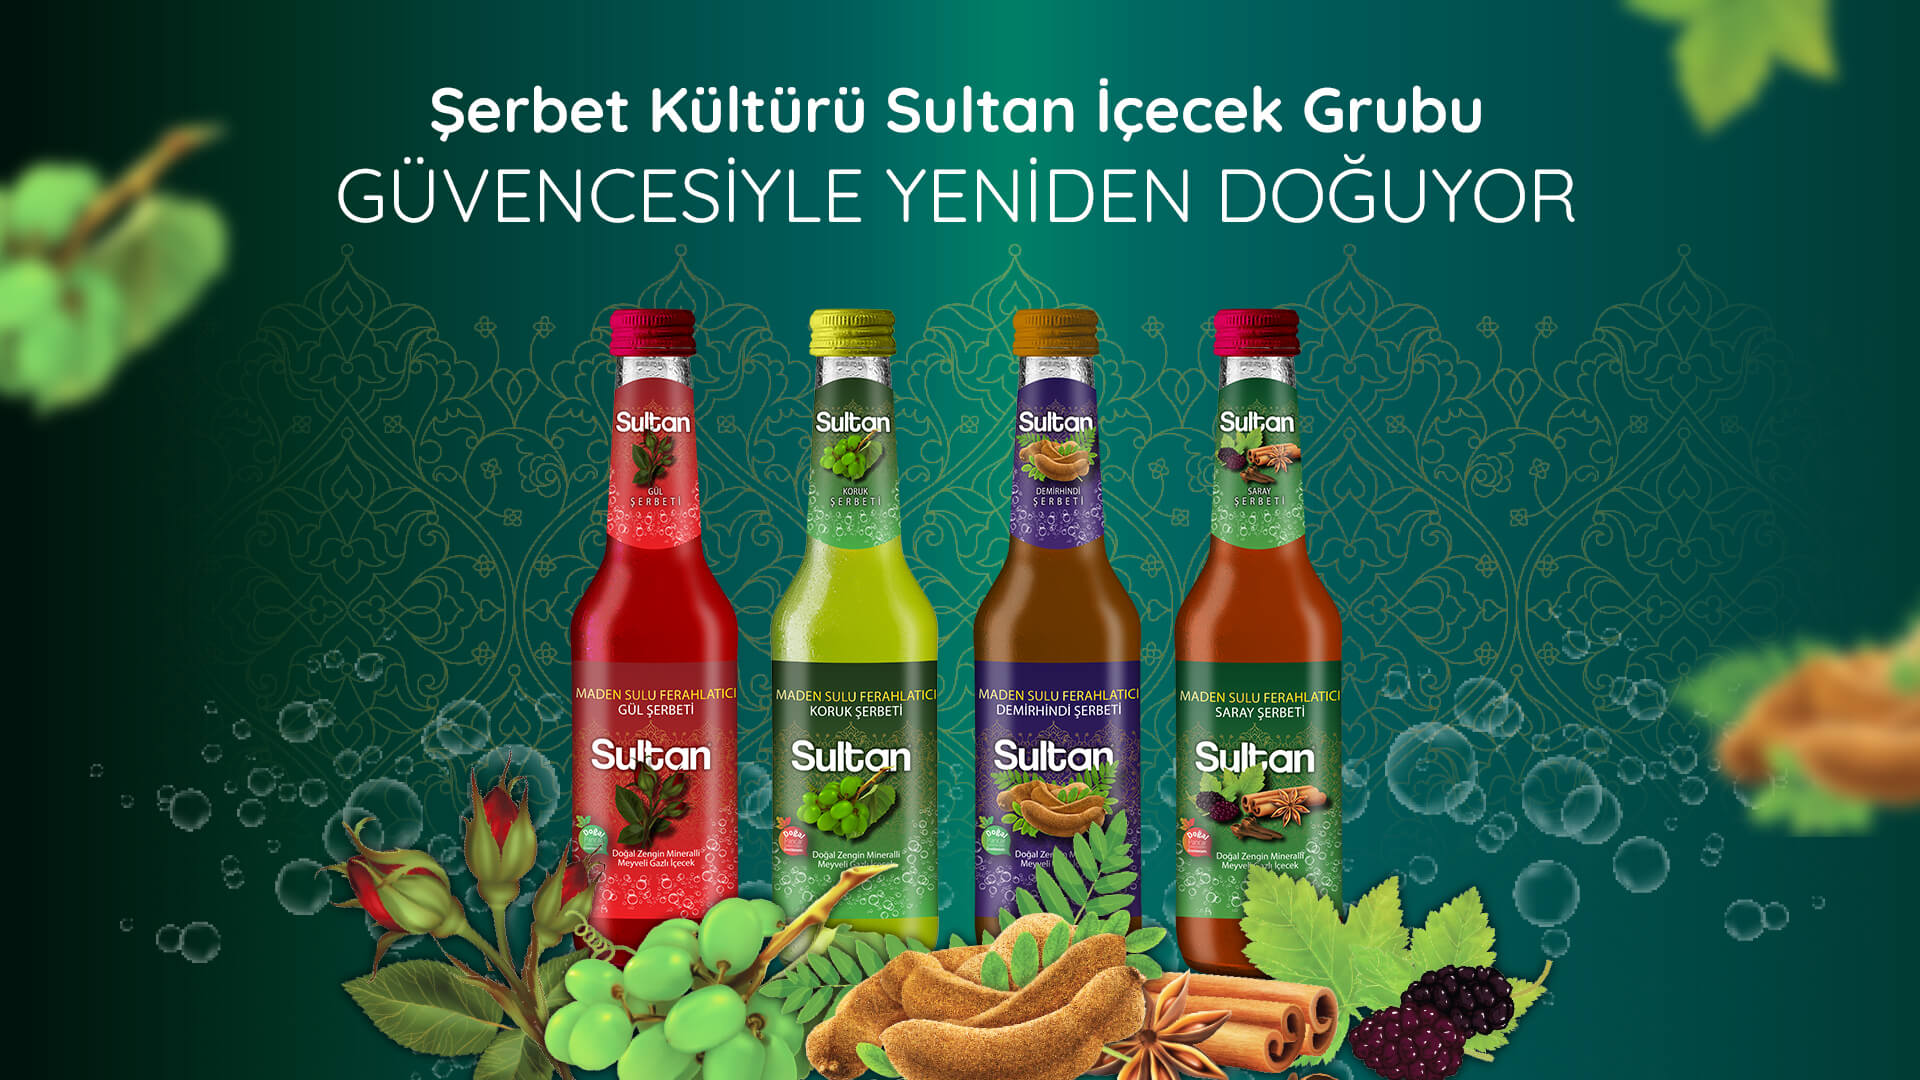 Şerbet Kültürü Sultan İçecek Grubu Güvencesiyle Yeniden Doğuyor